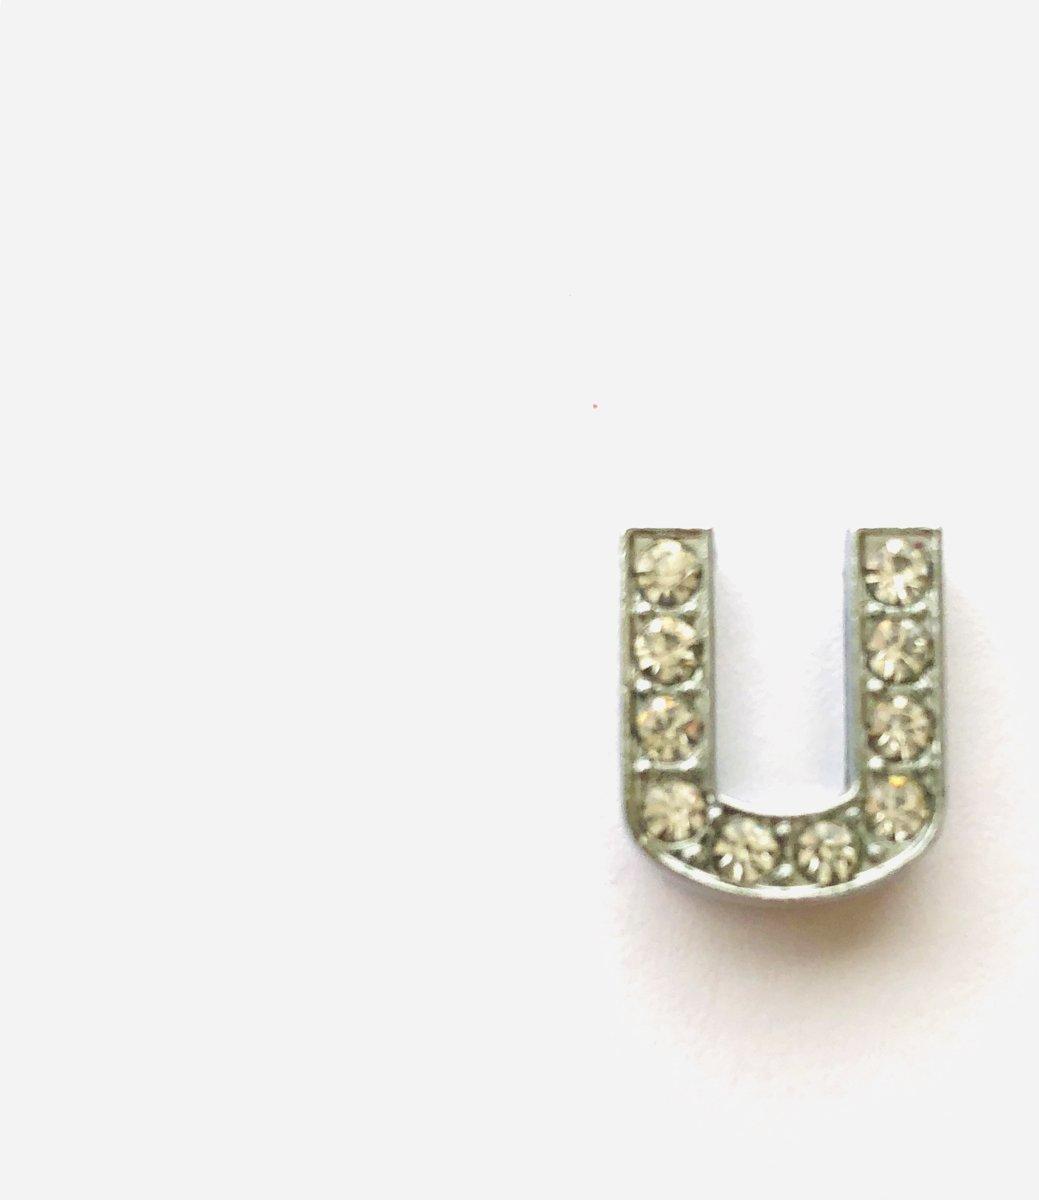 Metalen letter met zirkonia steentjes - Letter U - Personaliseer zelf kopen